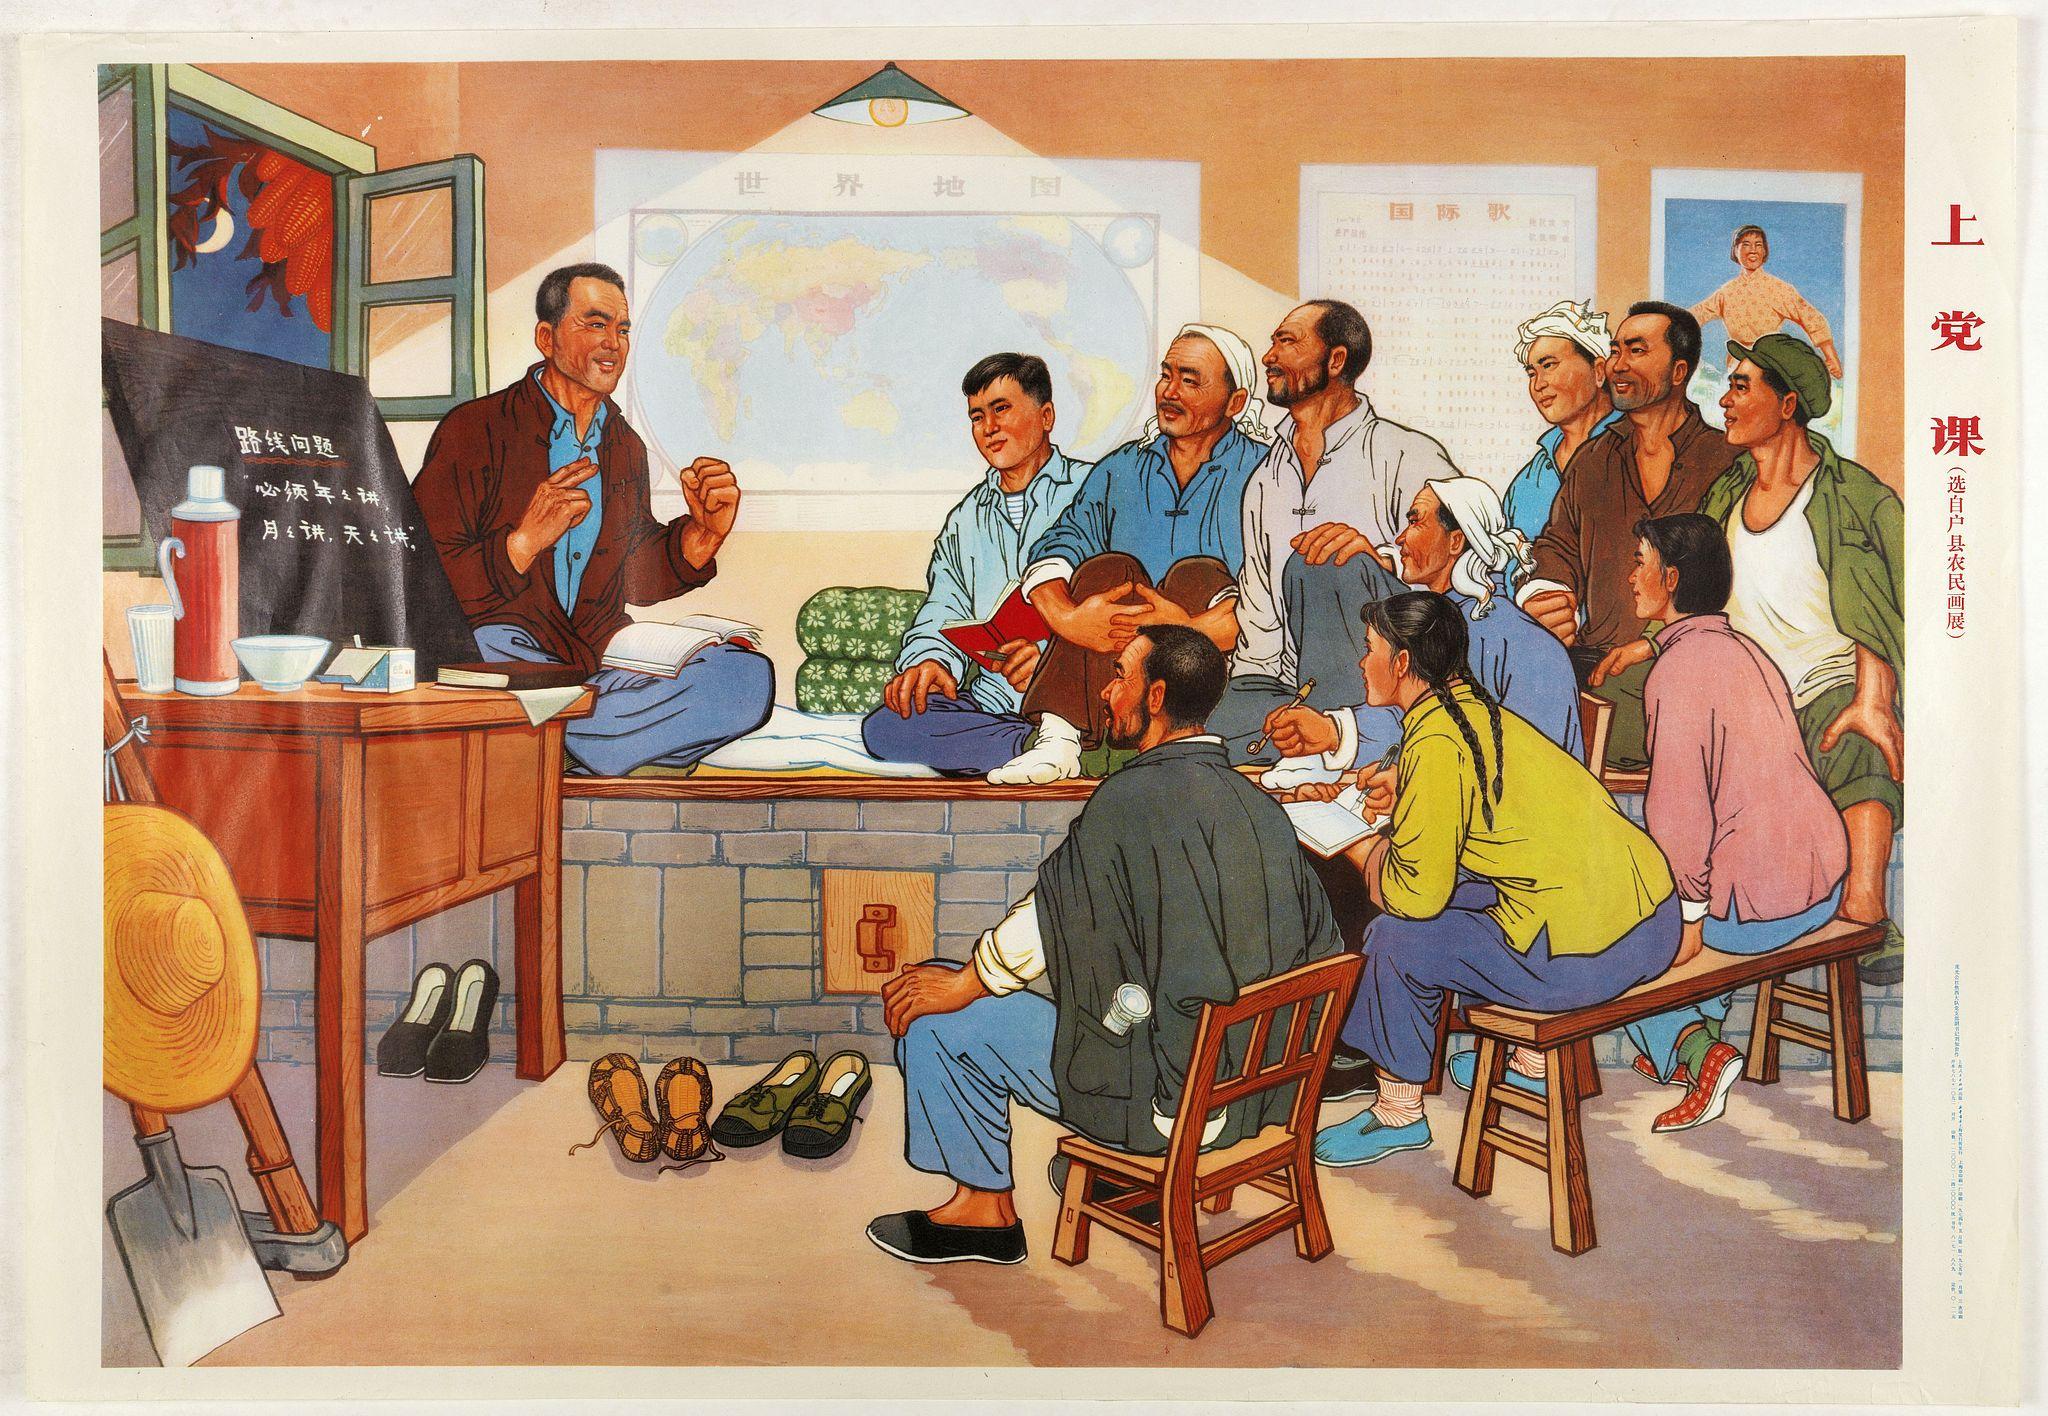 LIU, ZHIGUI -  Shang dang ke (xuan zi Huxian nong min hua zhan].  (Party-lecture Education)